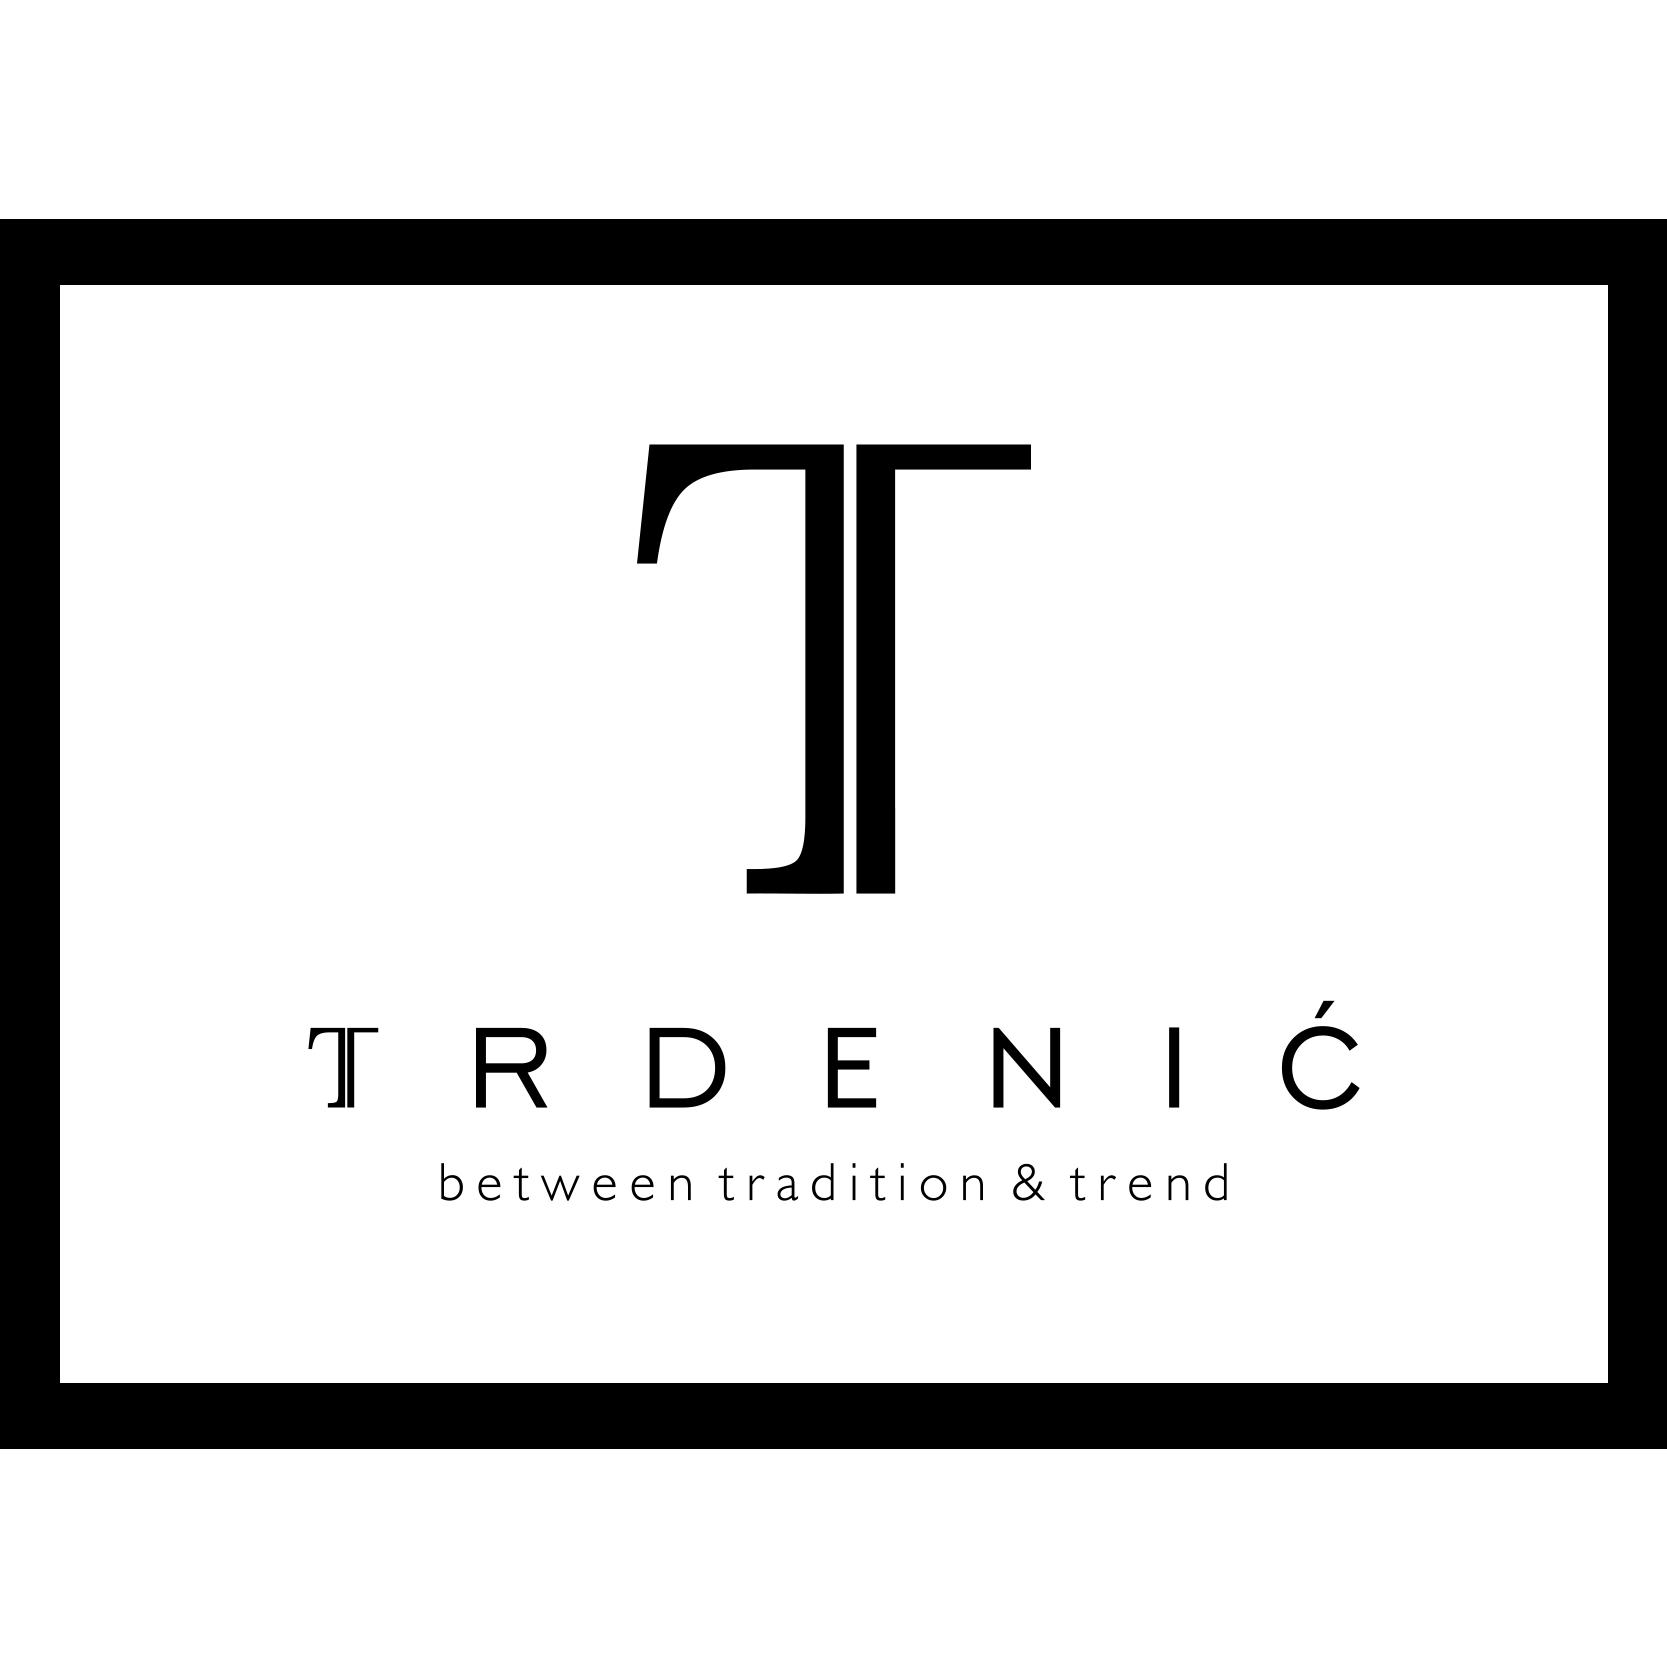 trdenic